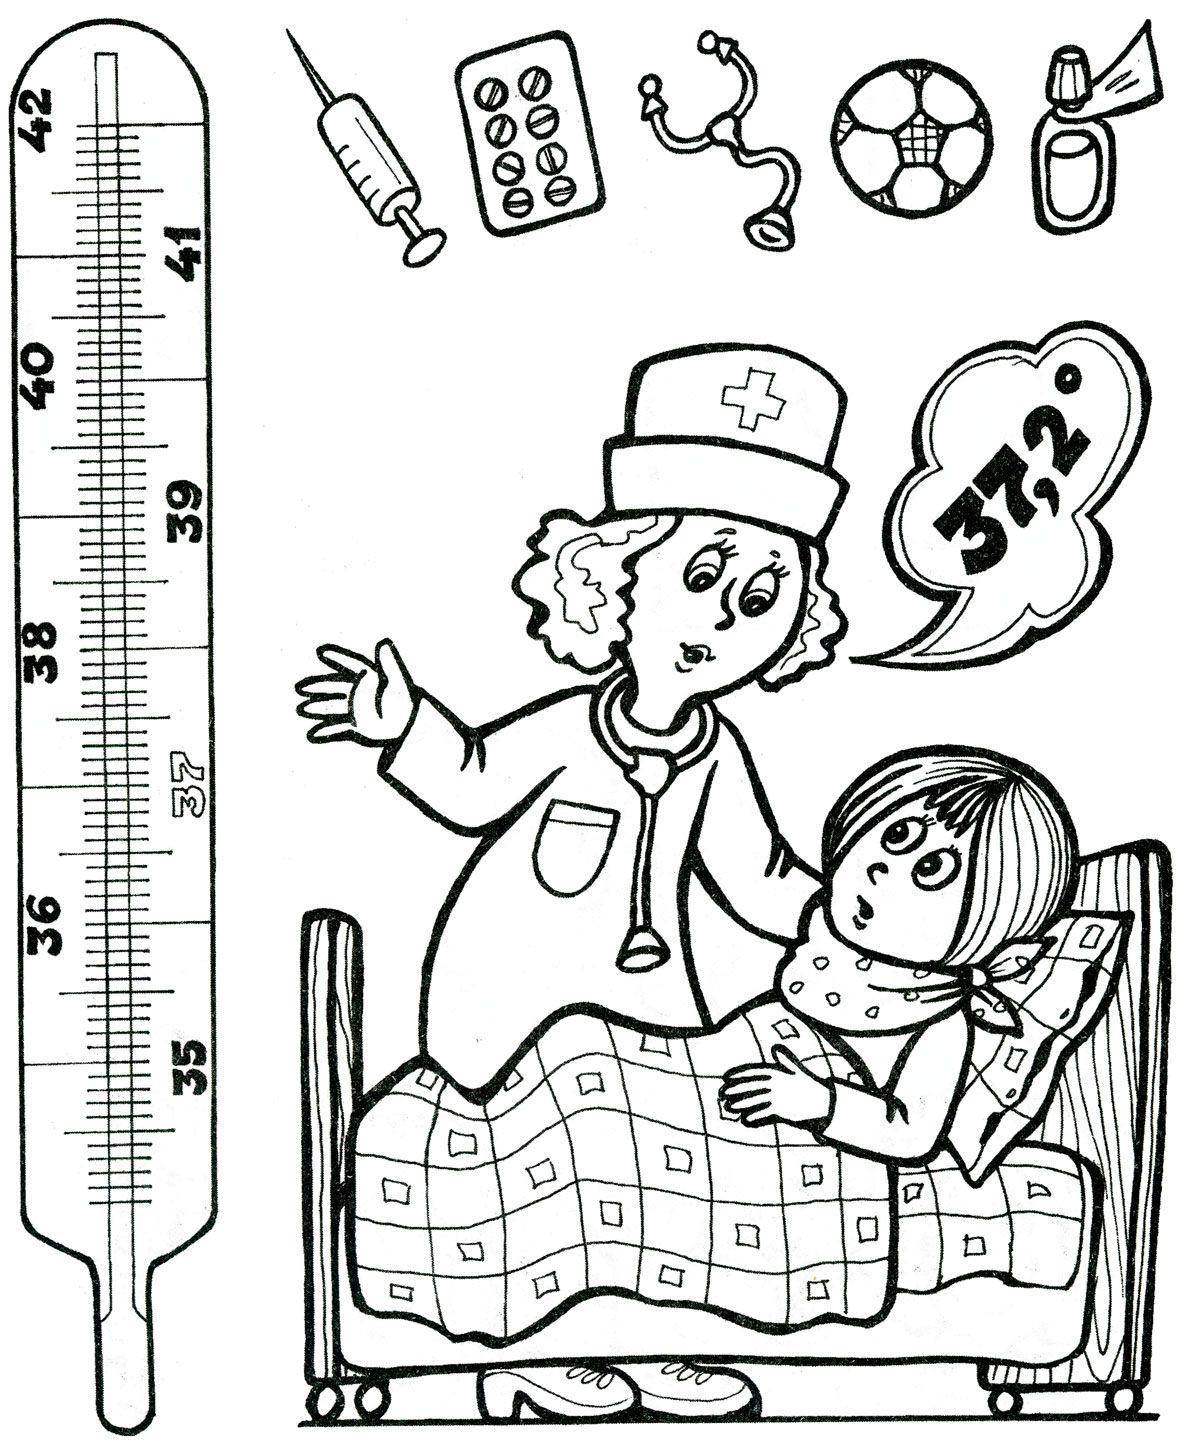 Ziek Zijn Kleur De Thermometer In Tot 37 2 Graden